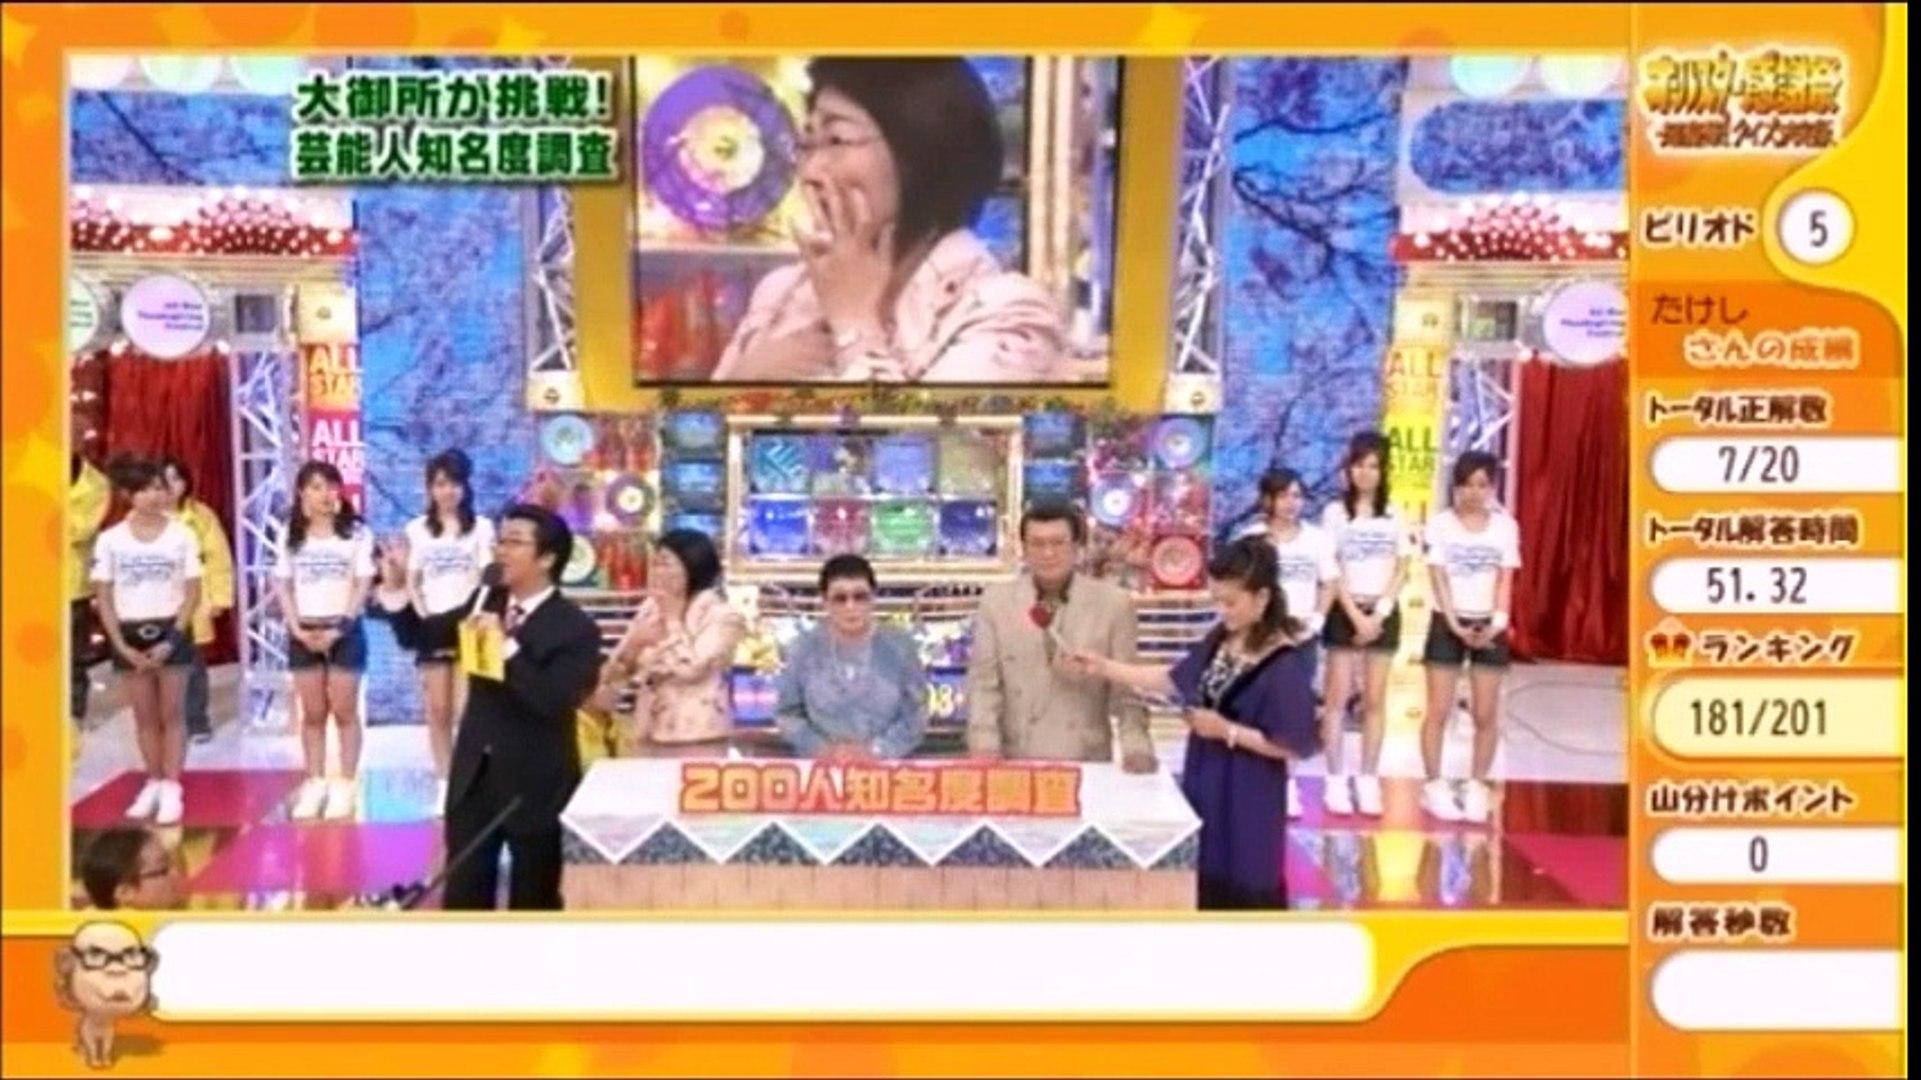 オールスター感謝祭'08春8 - 動画 Dailymotion